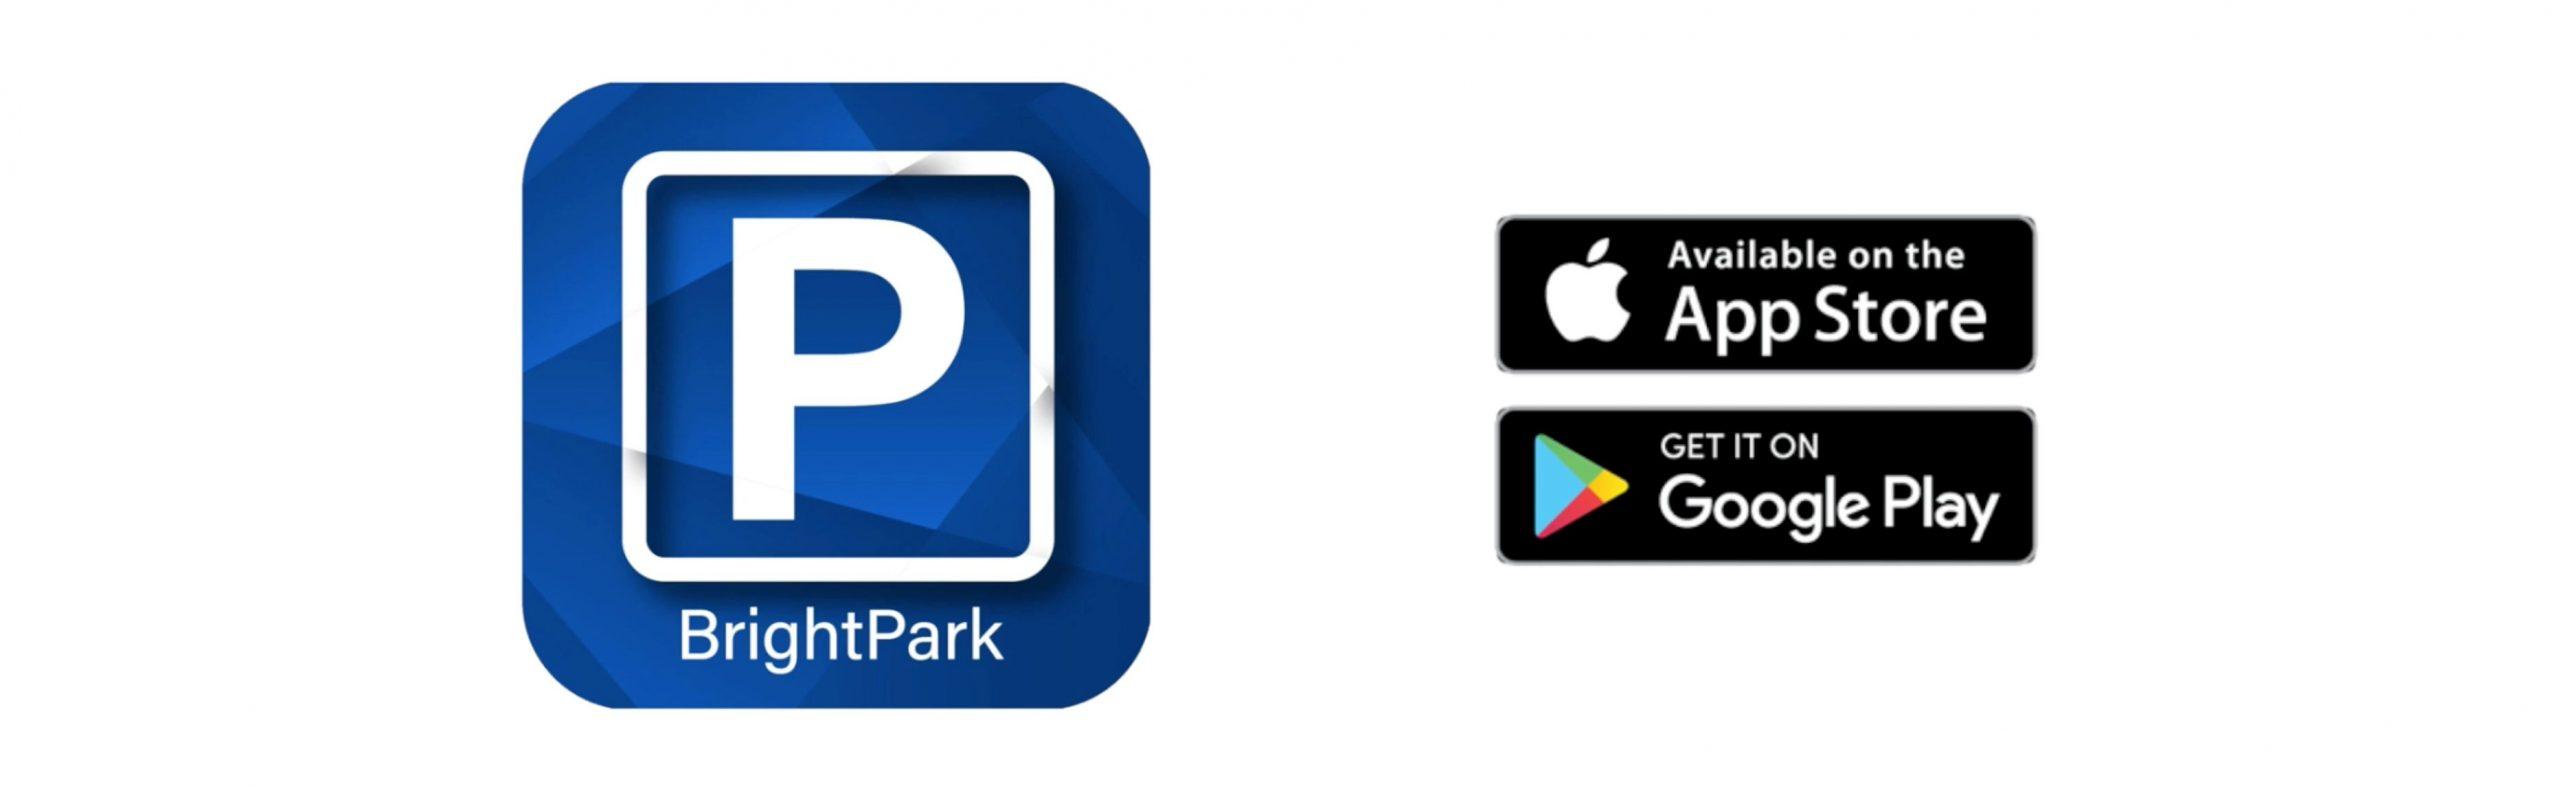 BrightPark App is released